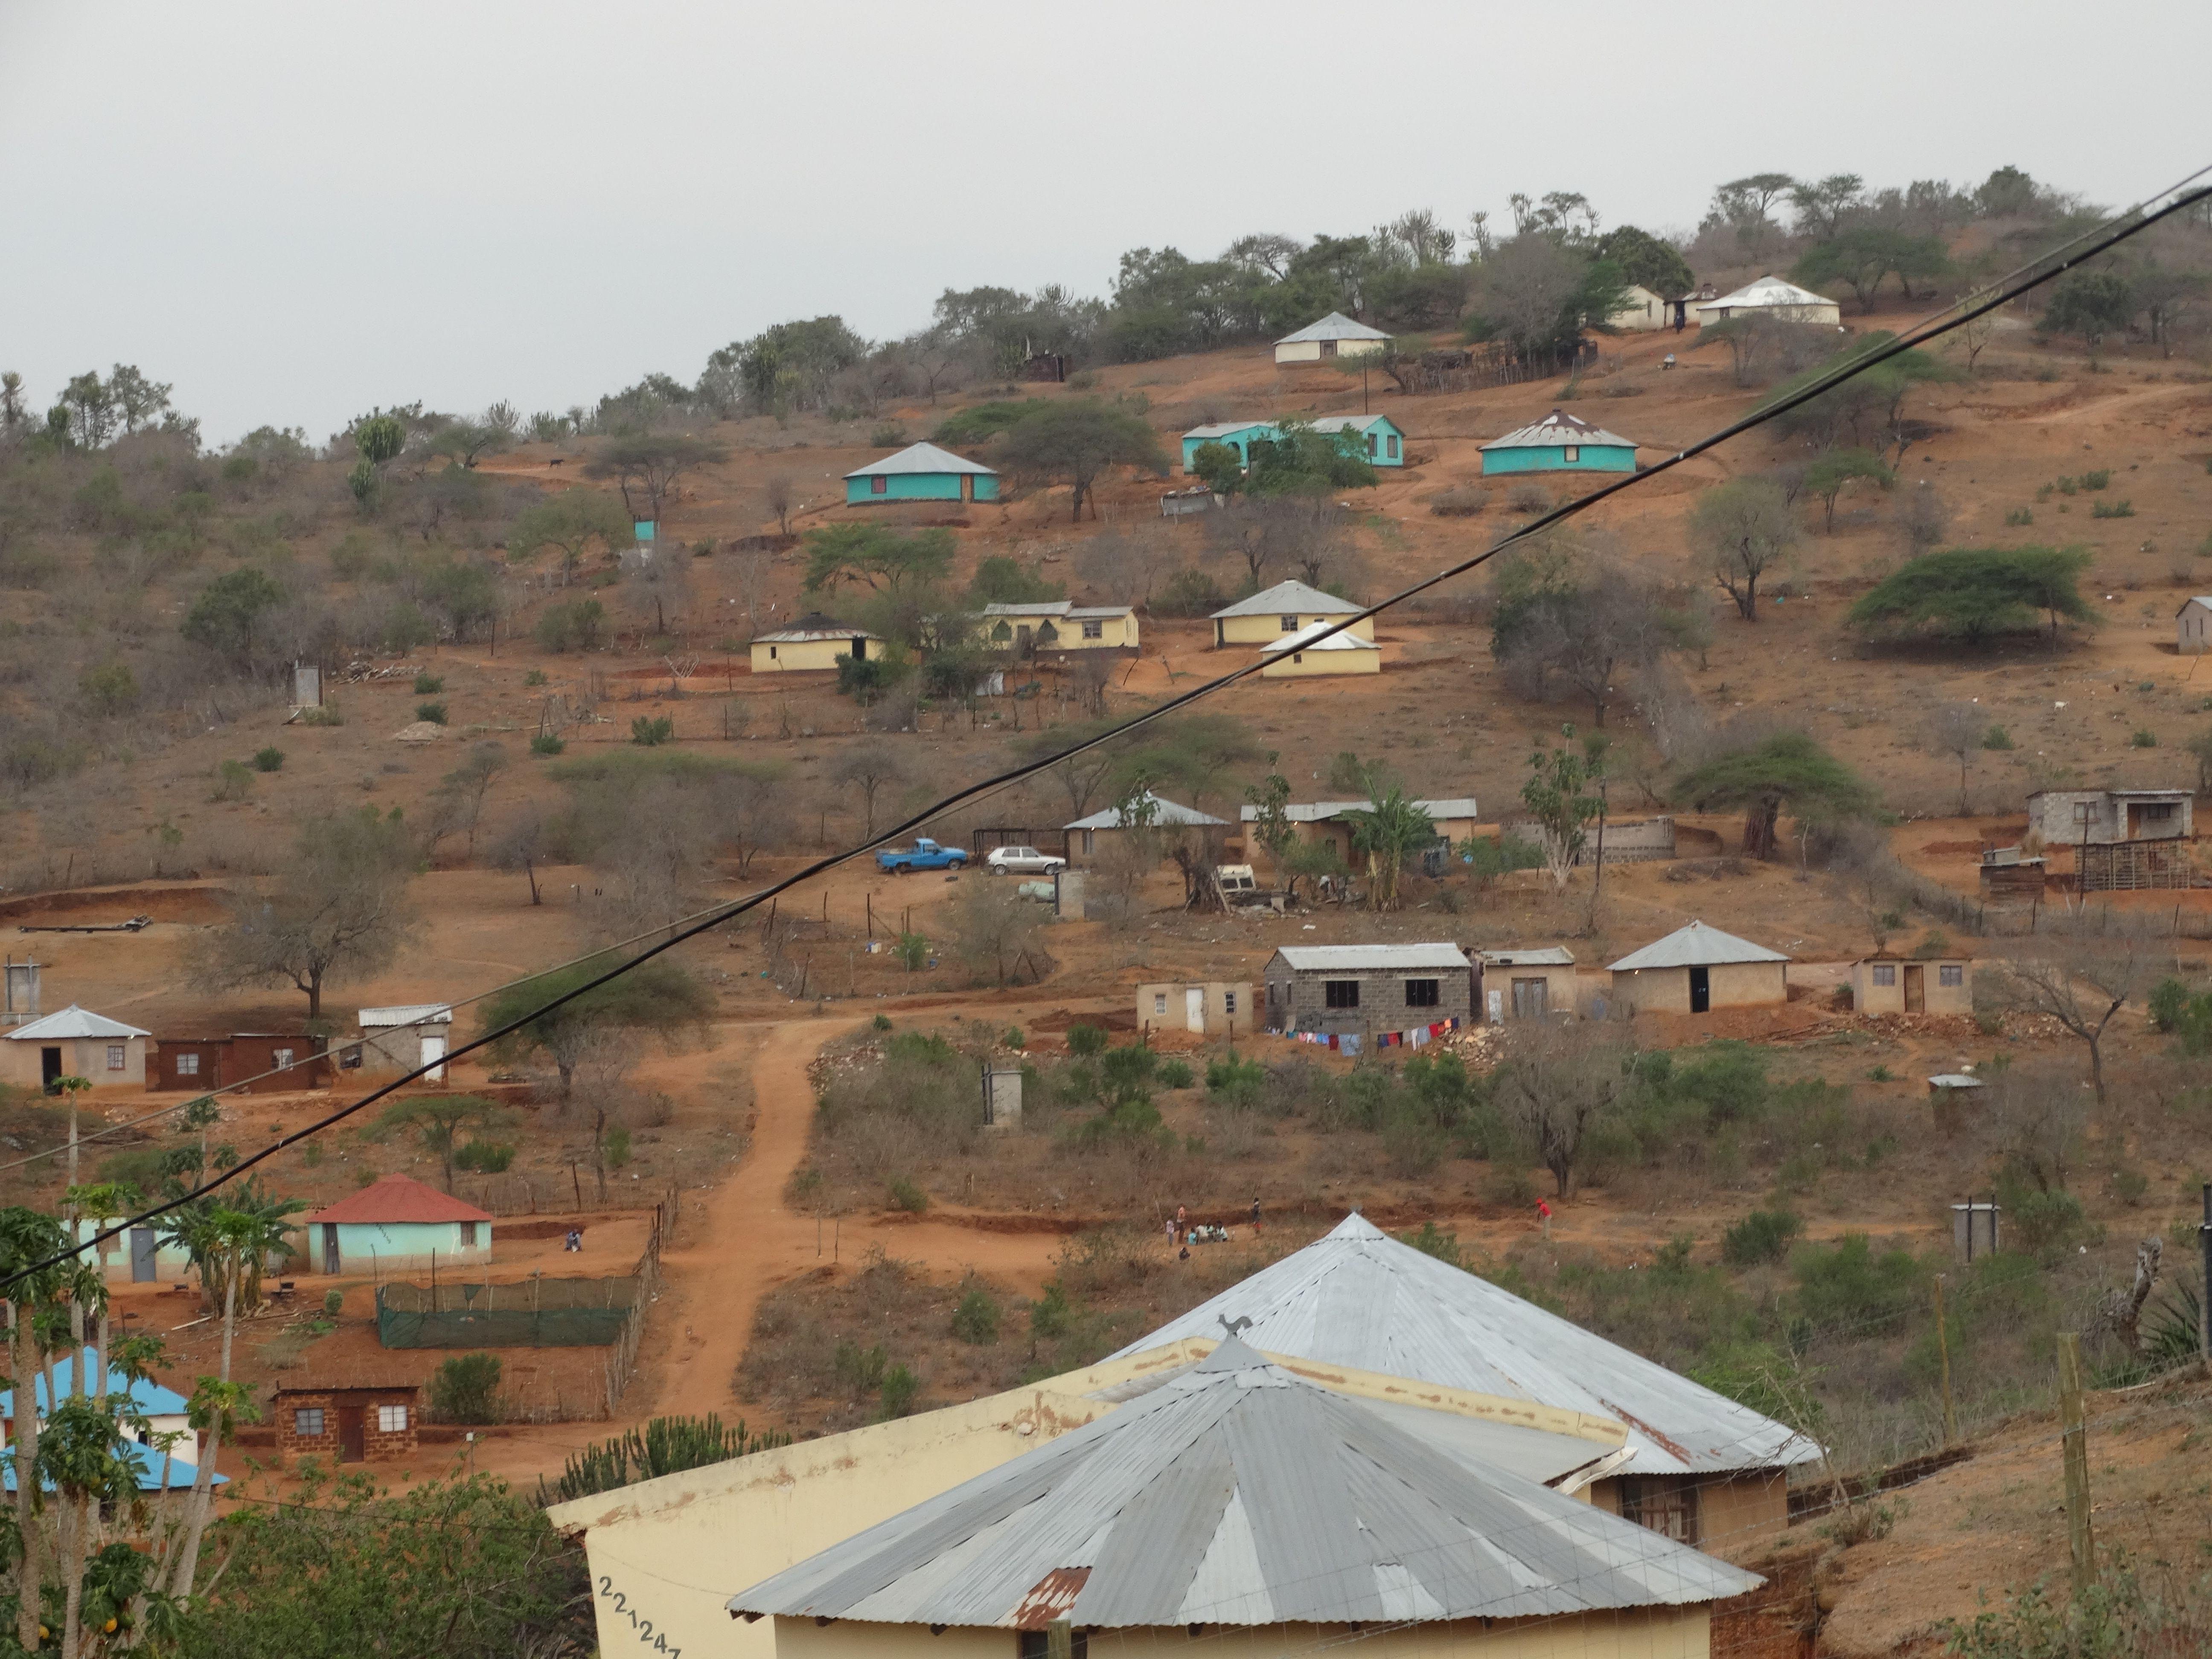 The valley, Kwazulu-Natal